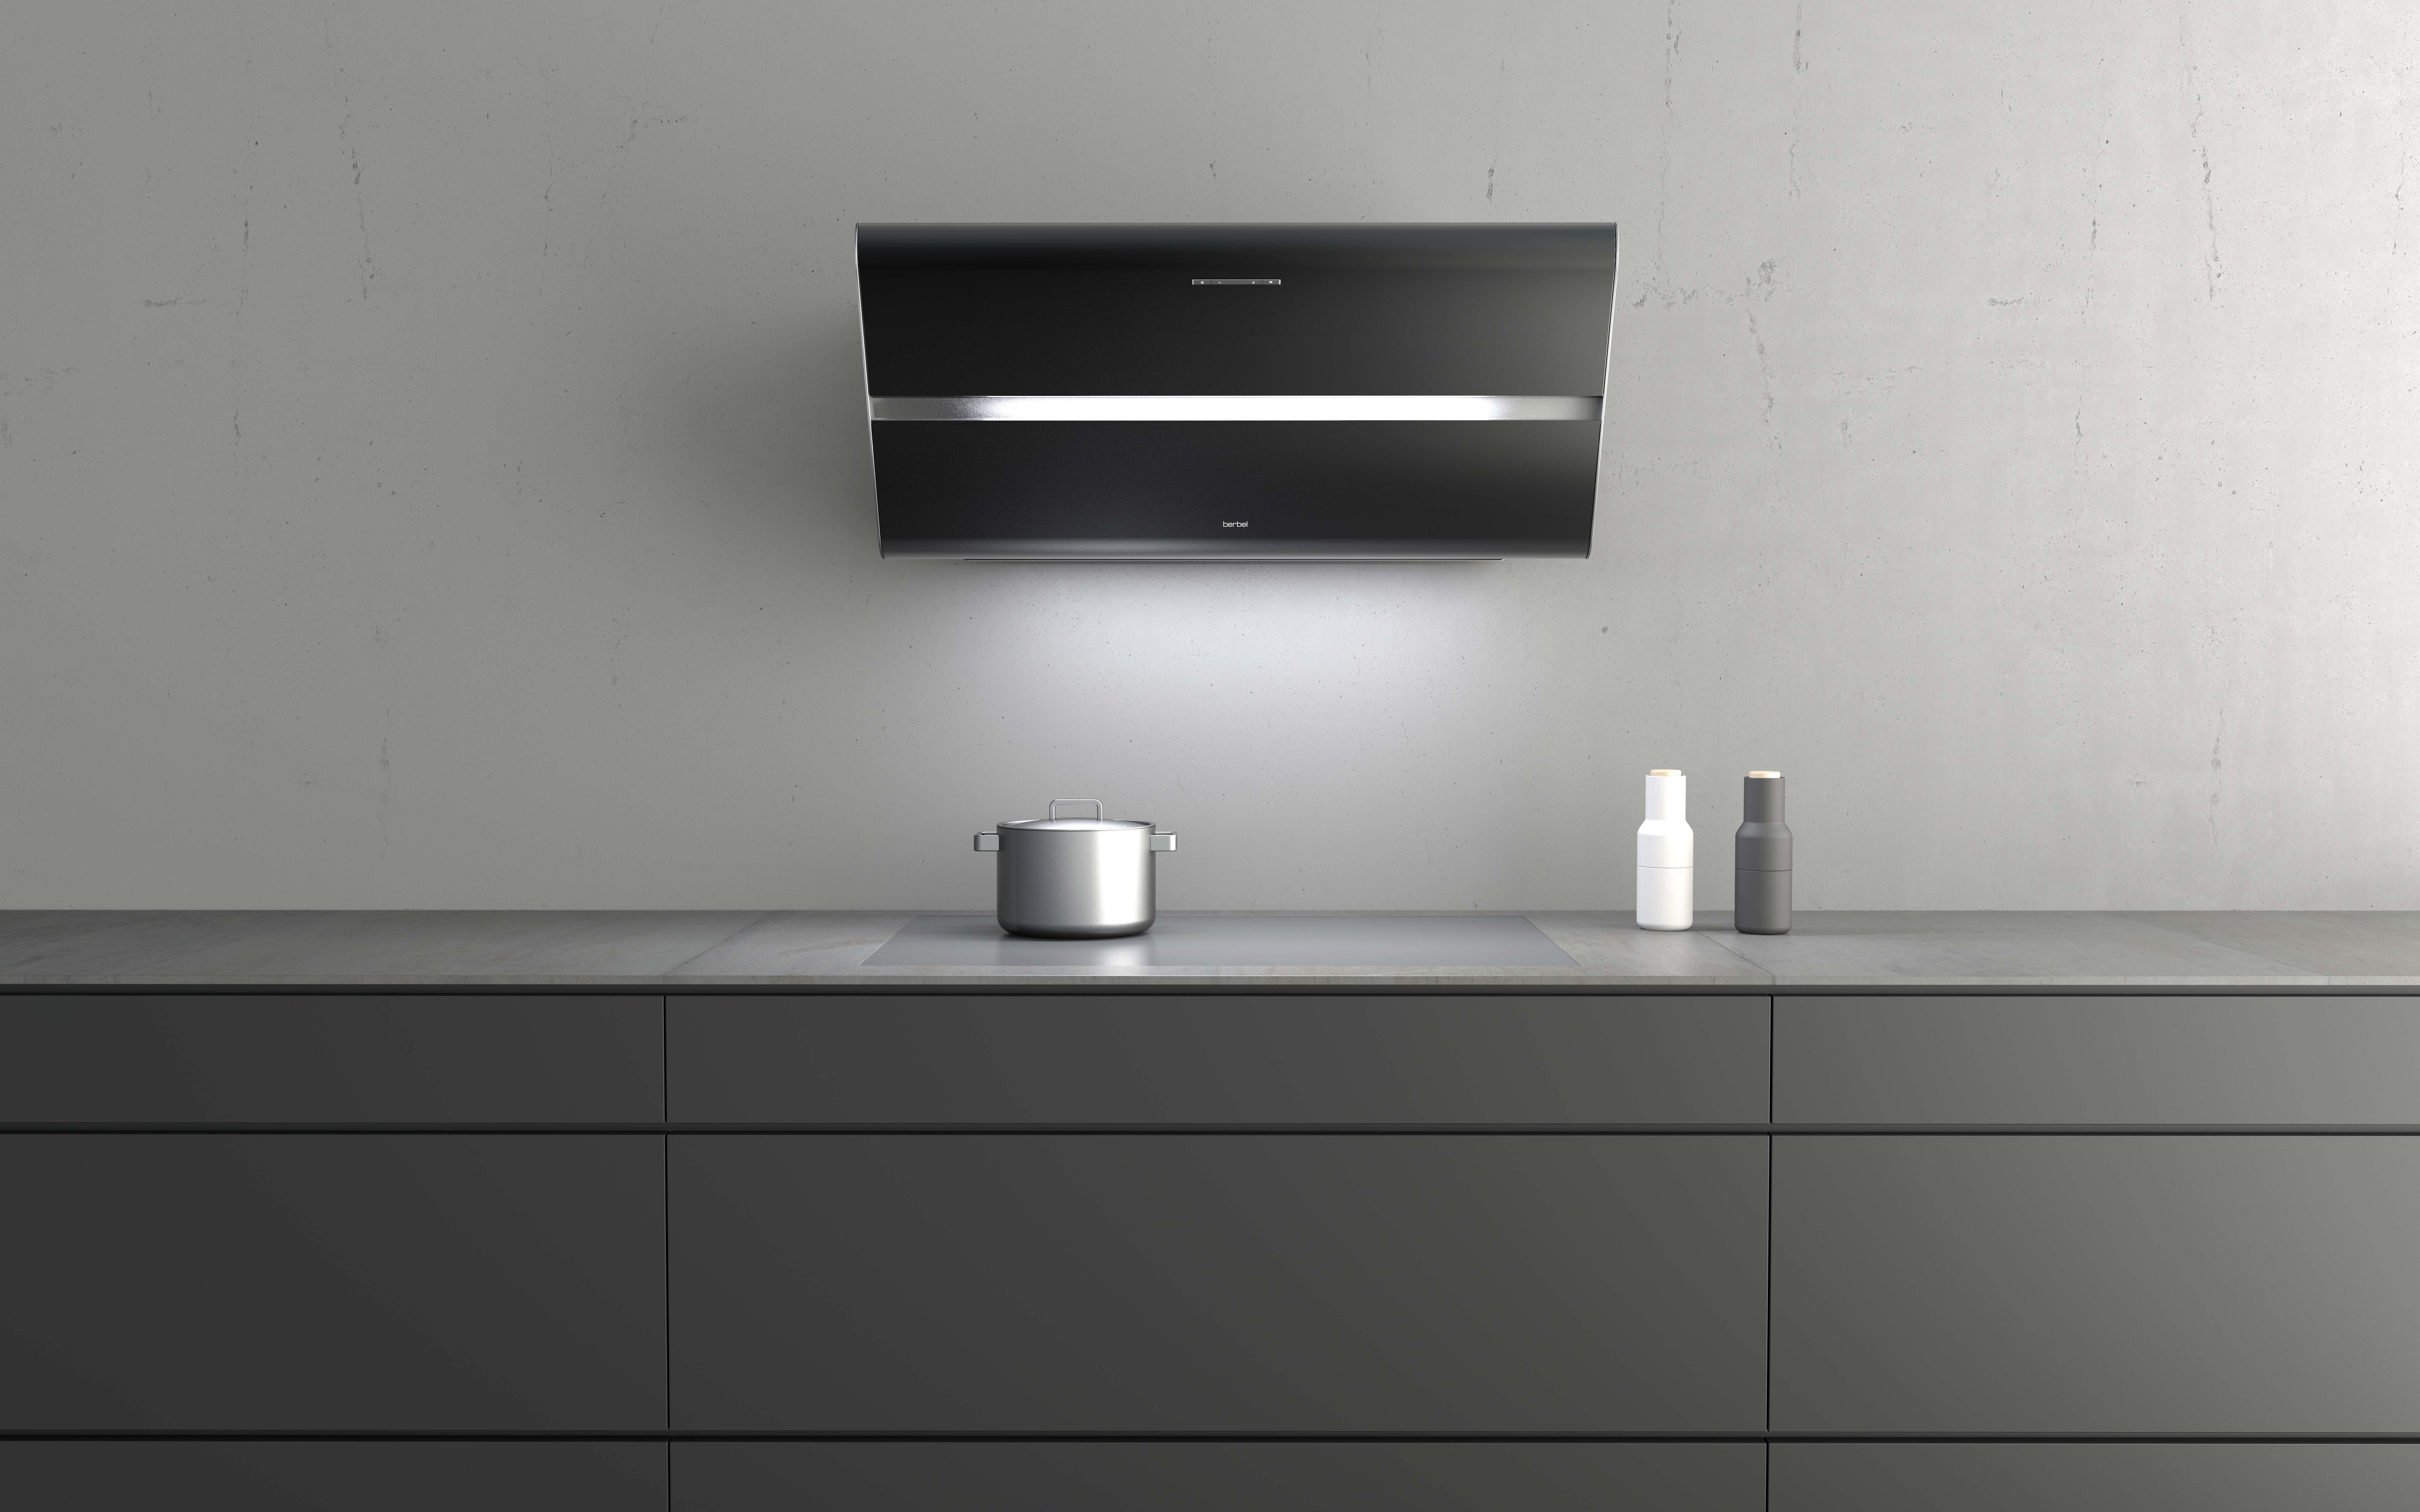 einbauhaube firstline unseen und kopffreihaube smartline. Black Bedroom Furniture Sets. Home Design Ideas